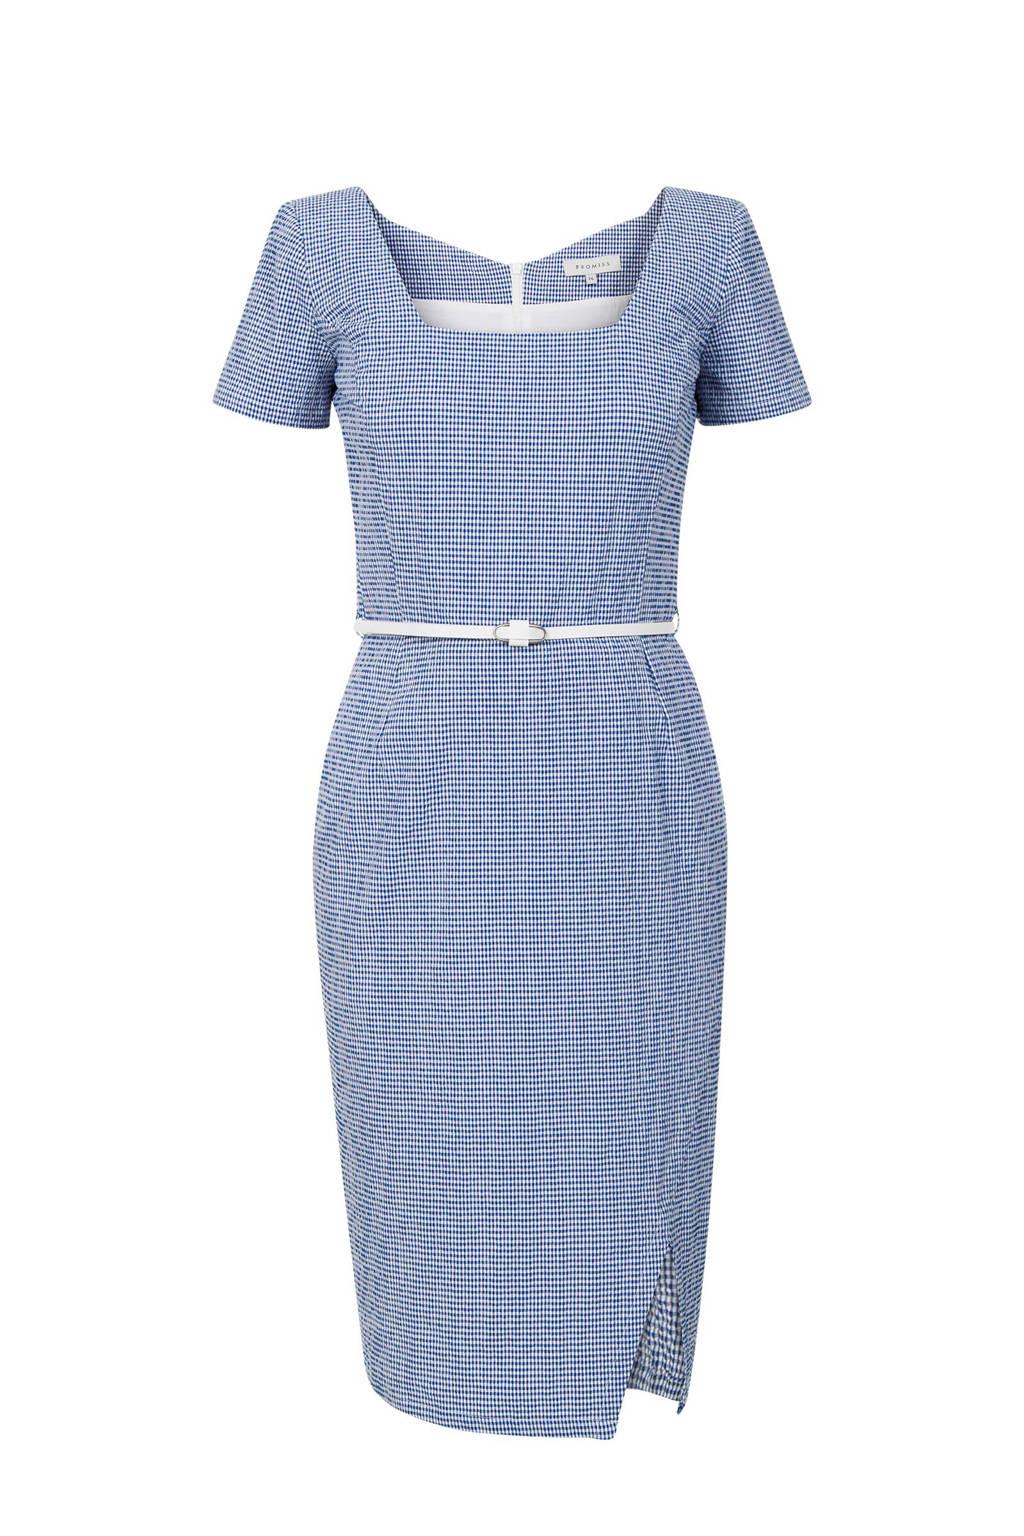 Promiss geruite jurk blauw/wit, Blauw/wit